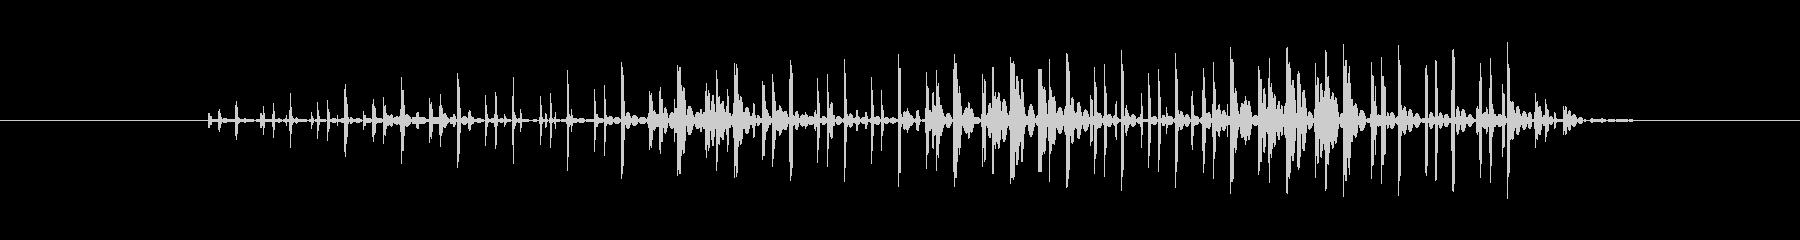 FI 実用性 スキャナーウォブルロー03の未再生の波形